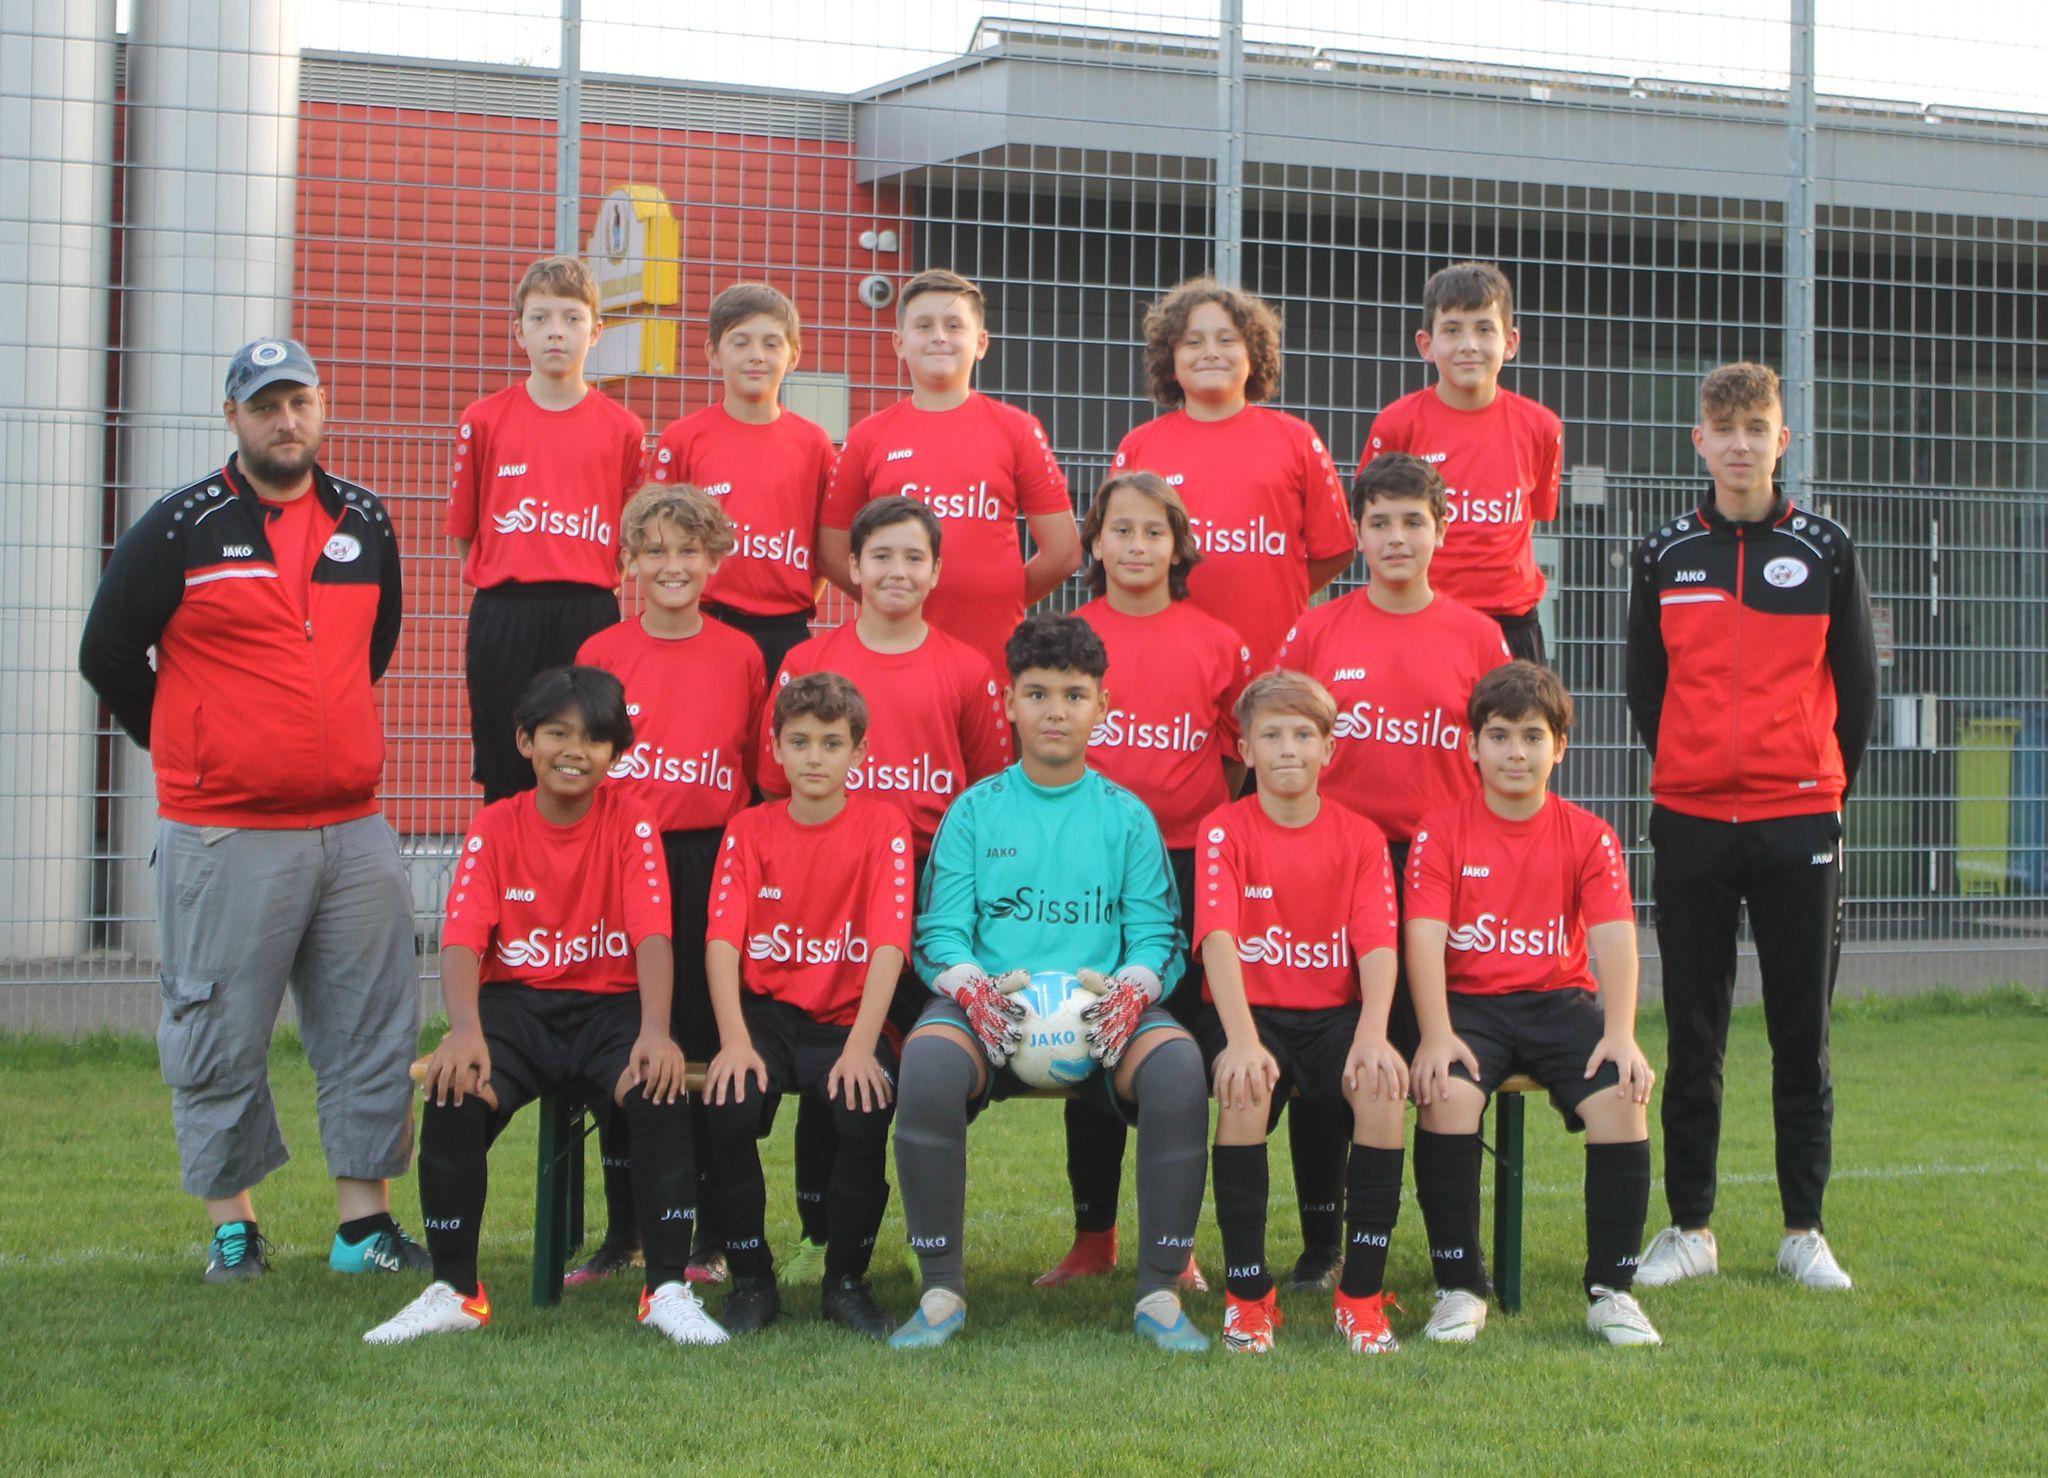 Mannschaftsfoto Junioren D Schwarz mit Sponsor Hallenbad Sissilia, Sisseln 2021/2022